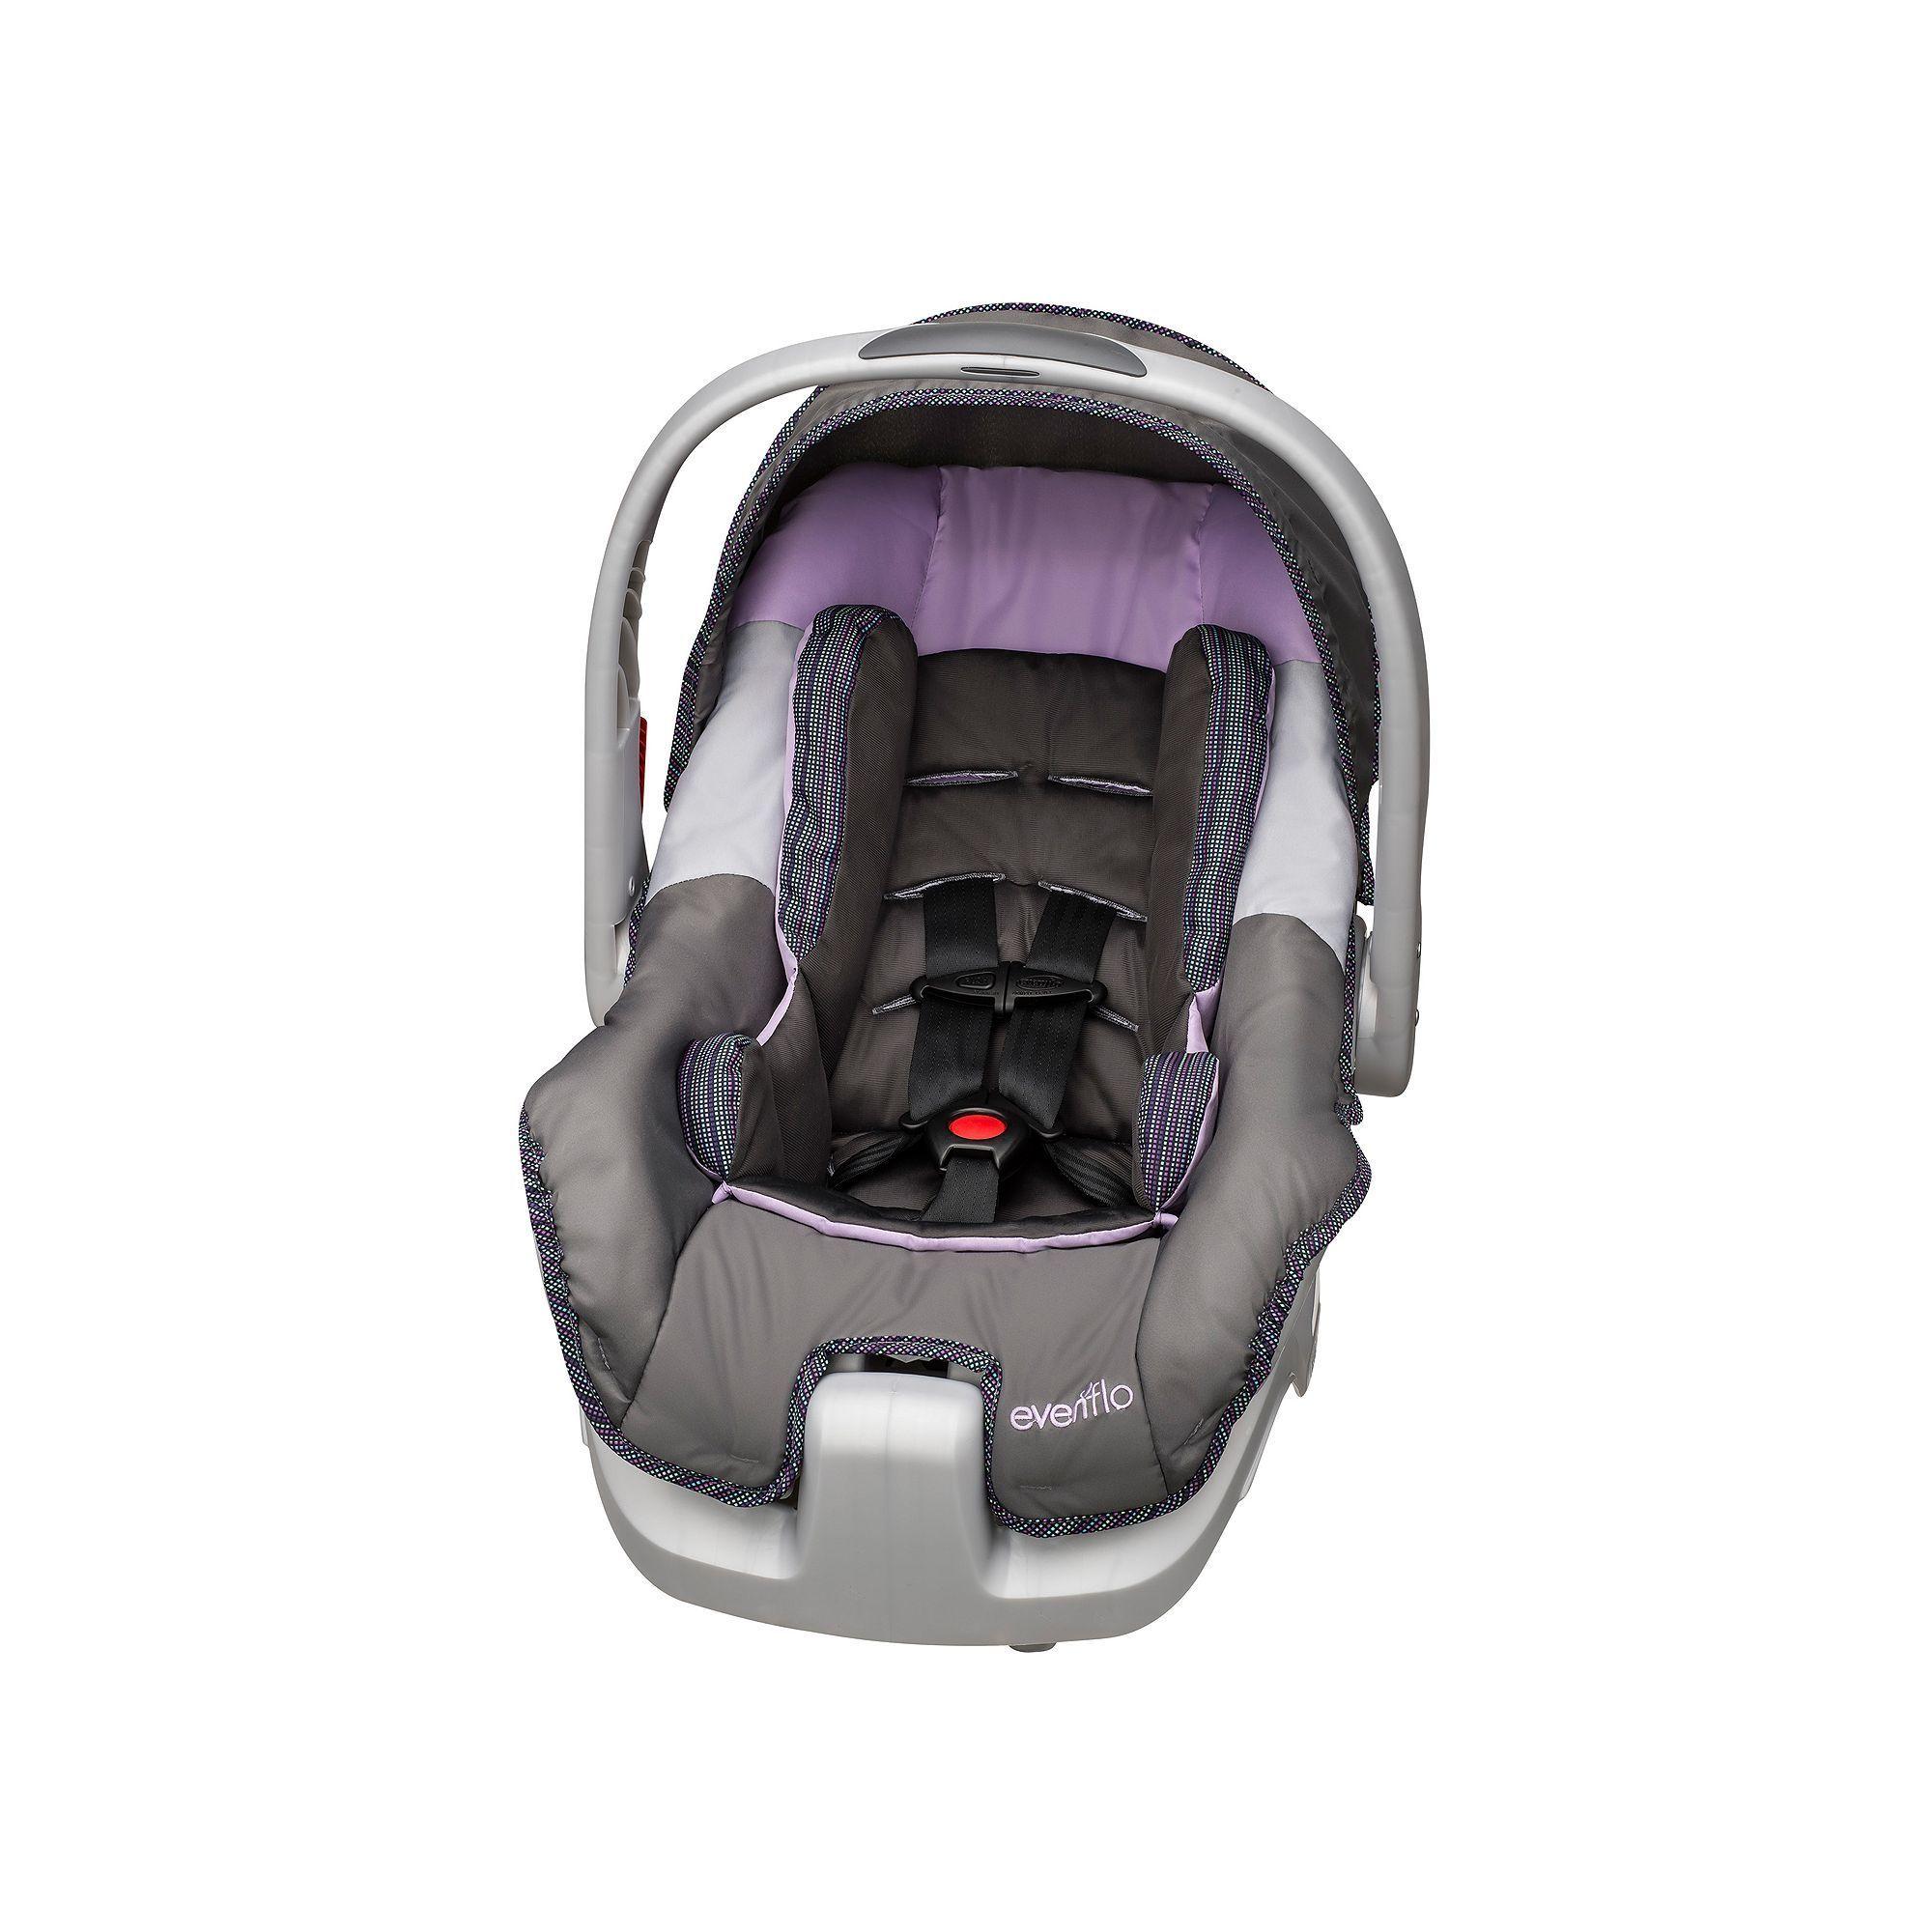 Evenflo Nurture Dlx Infant Car Seat Purple Car Seats Cheap